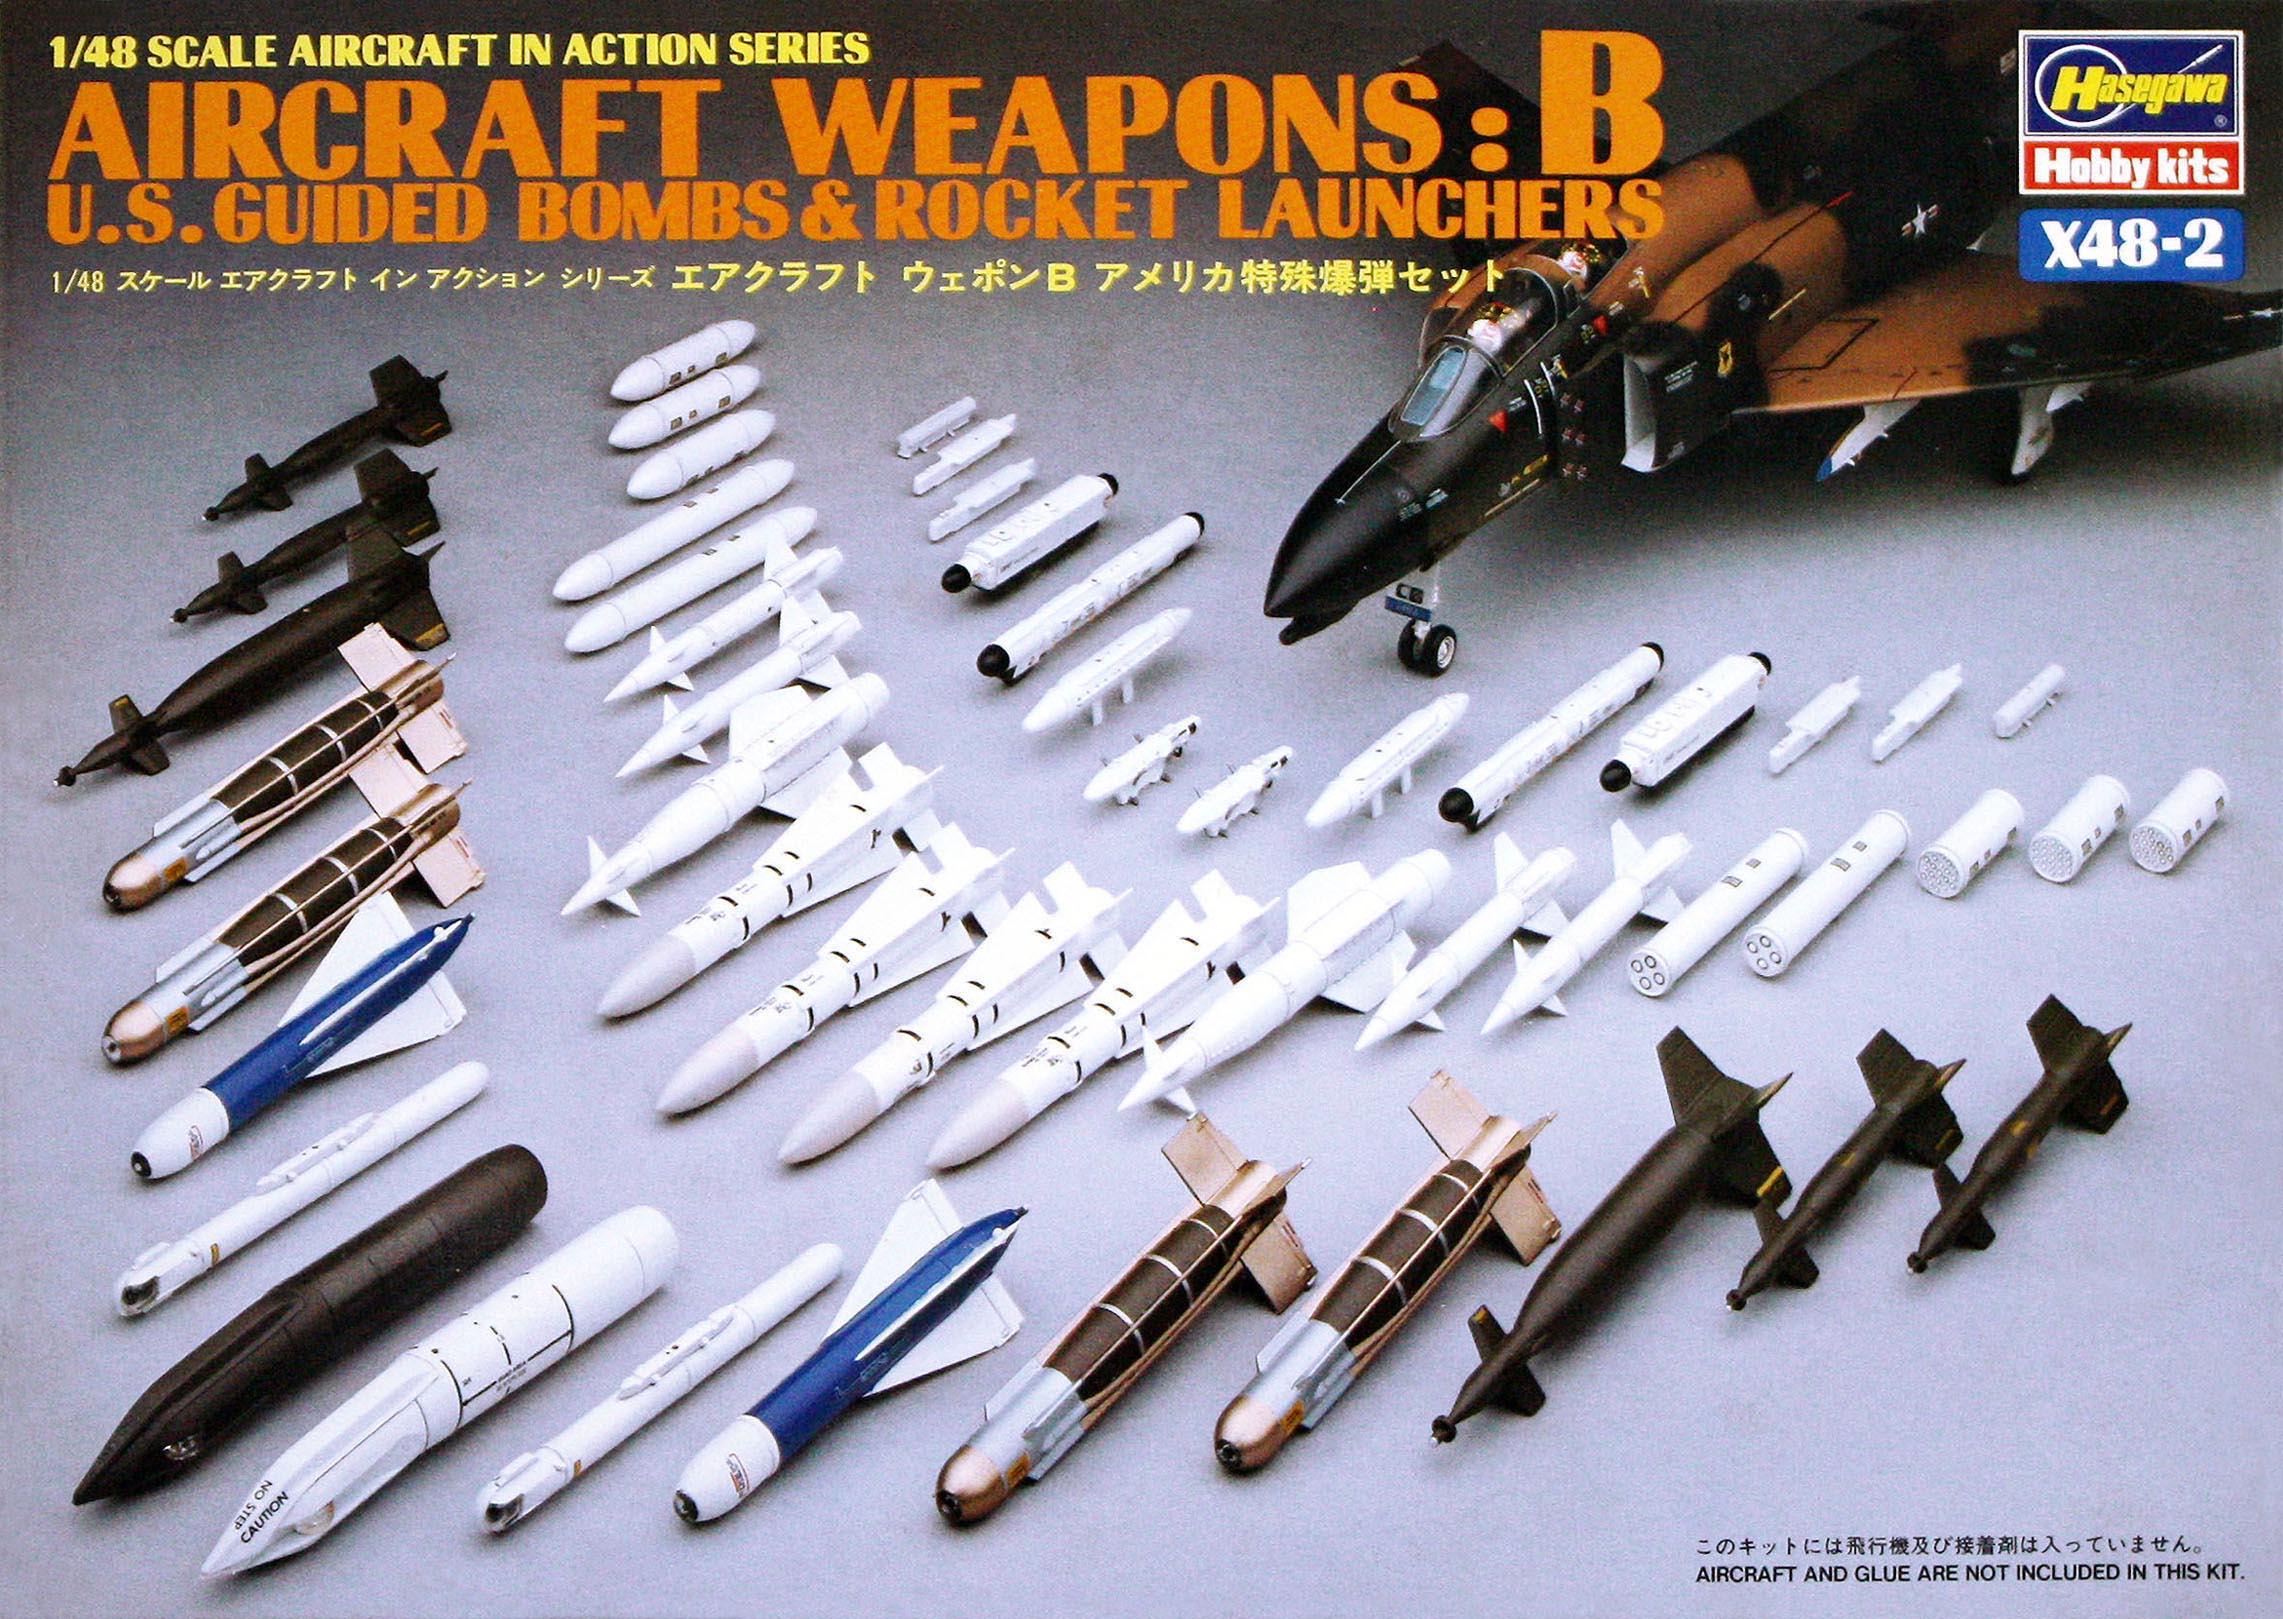 Hasegawa 1/48 US Aircraft Weapons B